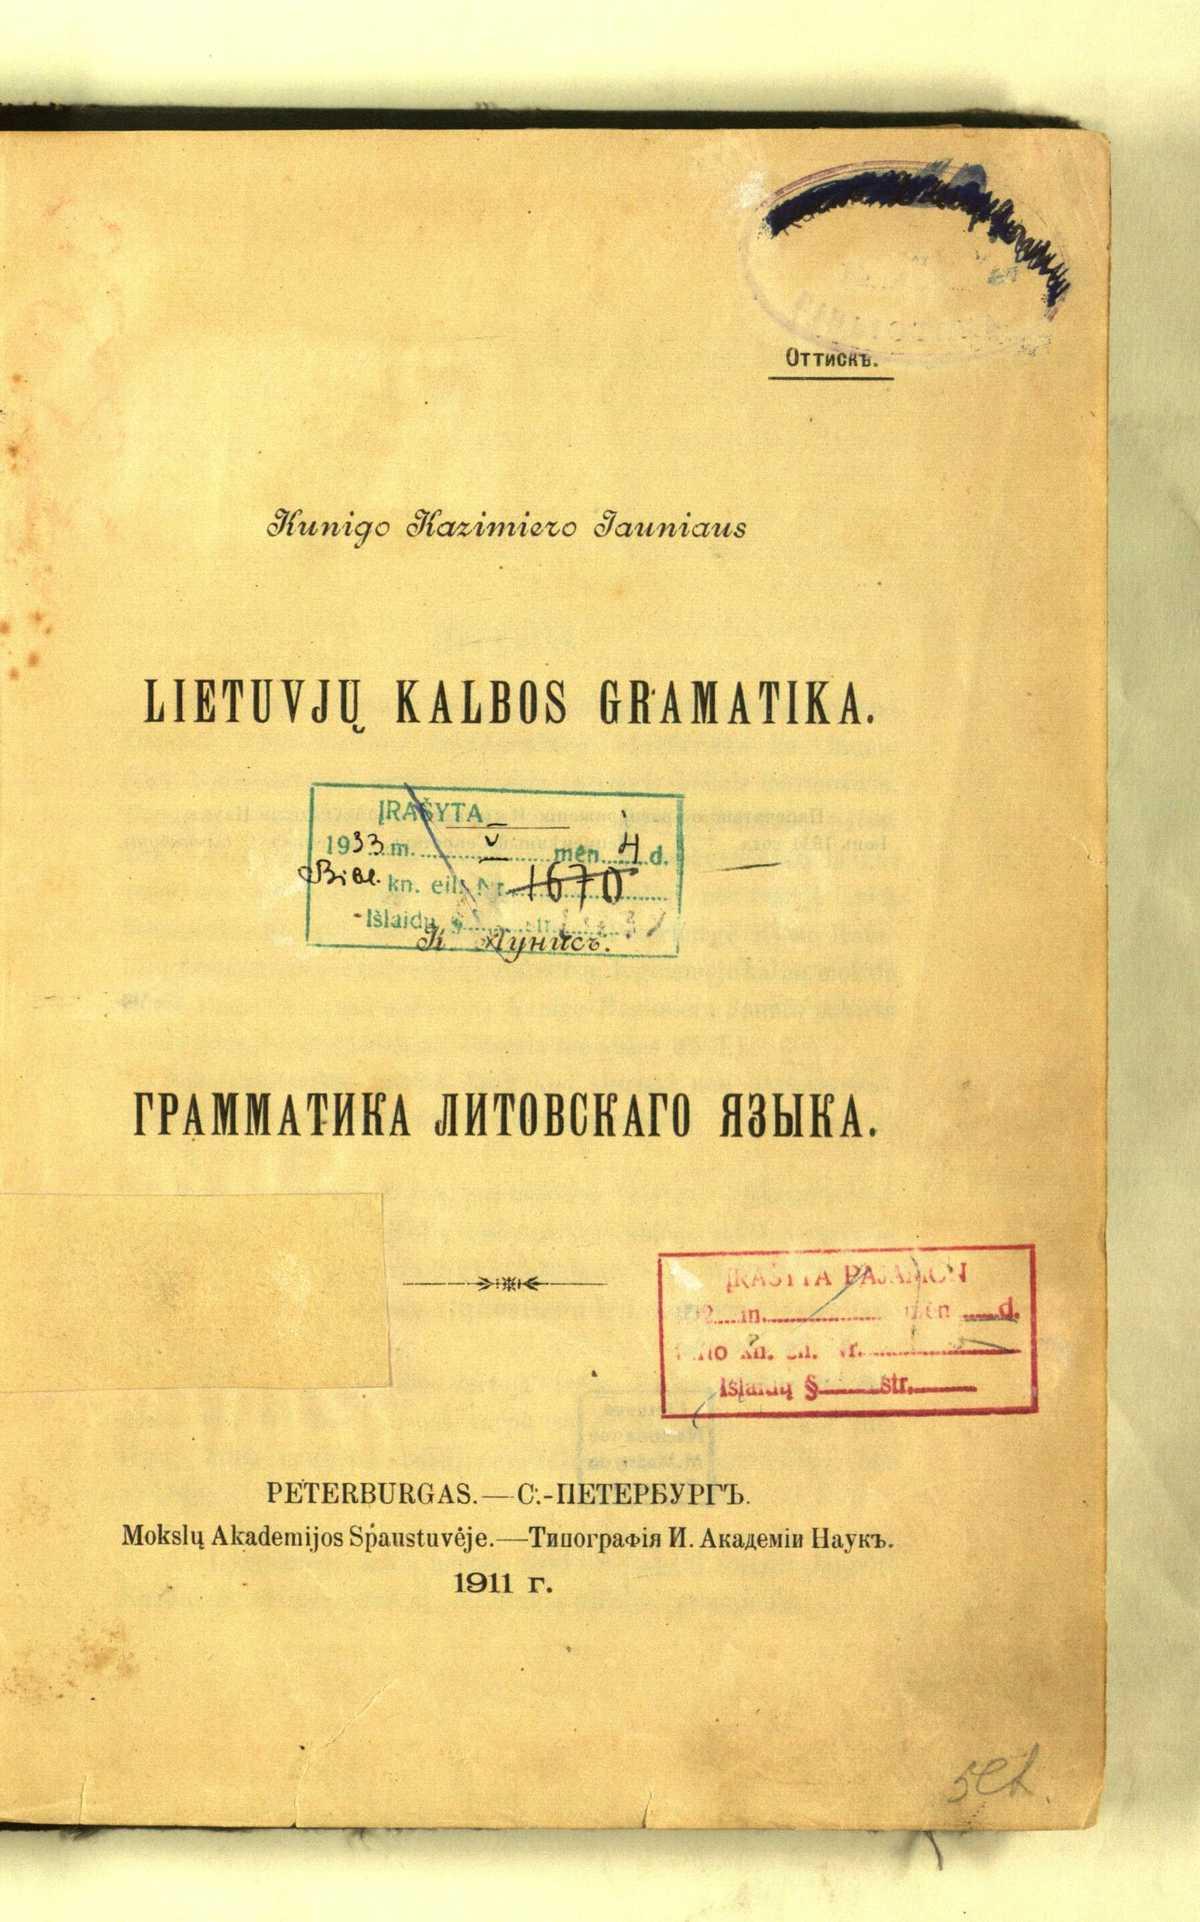 Kazimieras Jaunius. Lietuvių kalbos gramatika | Lietuvos nacionalinės Martyno Mažvydo bibliotekos nuotr.